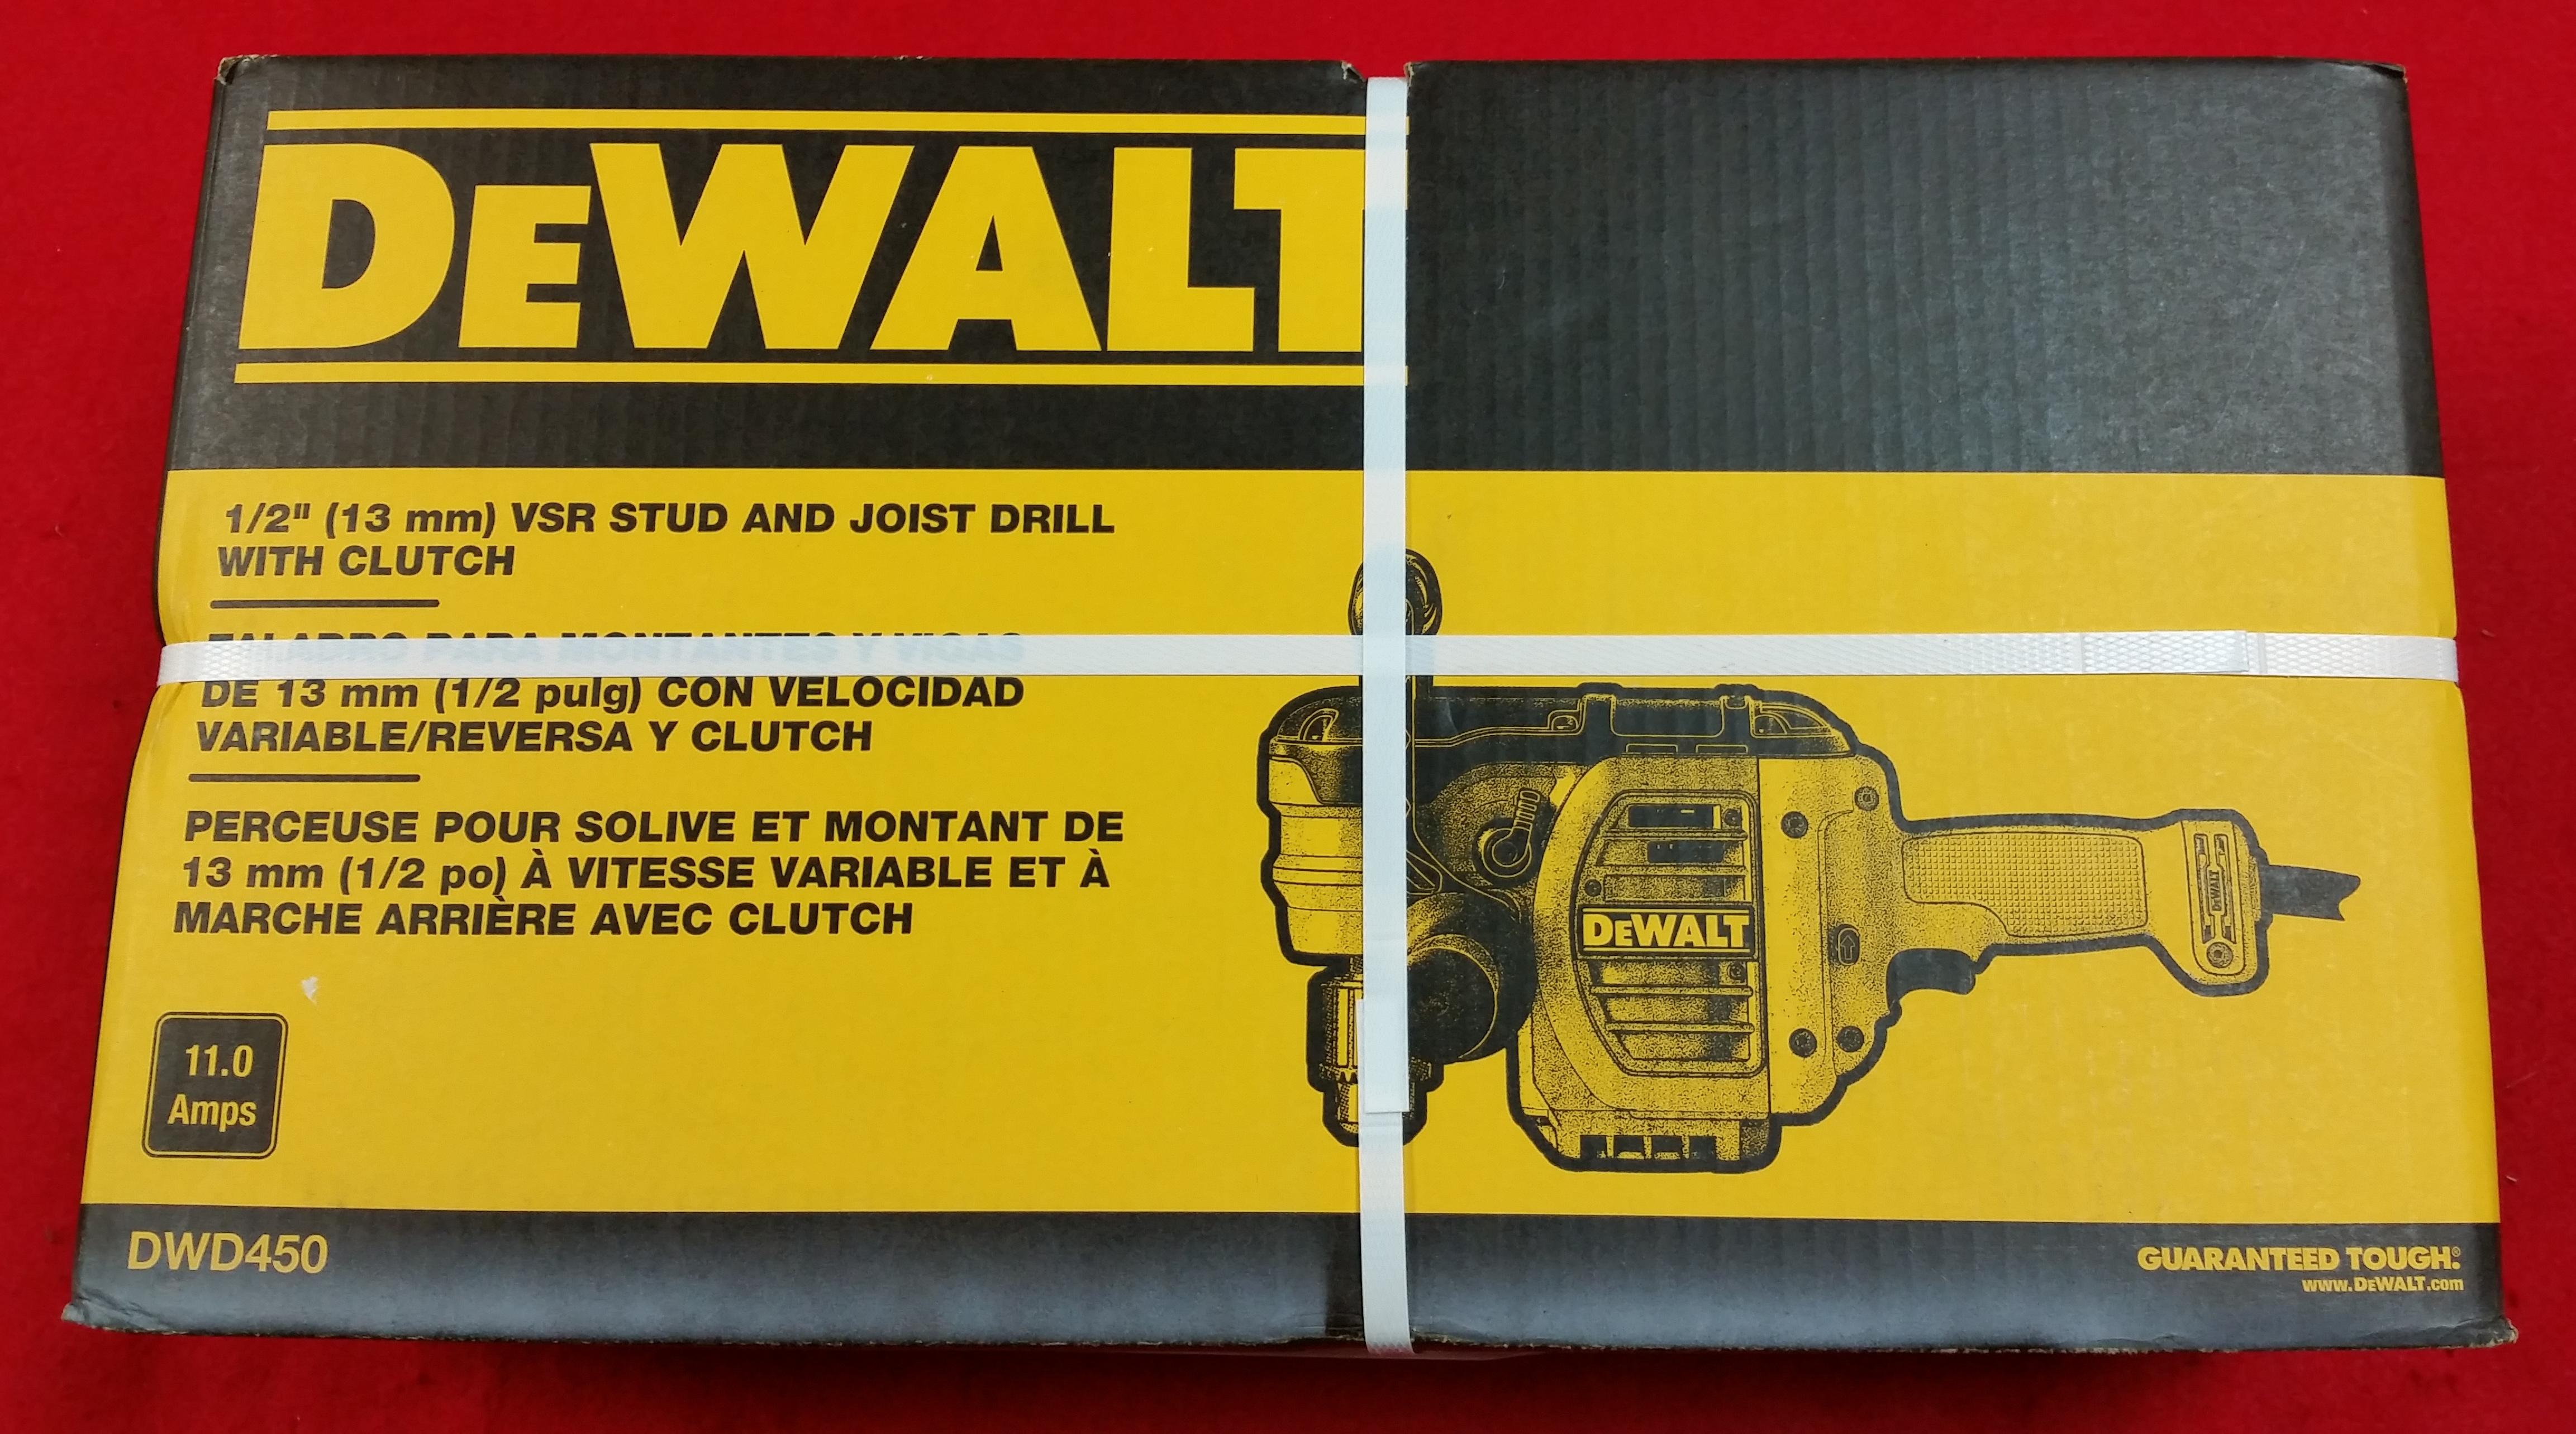 DEWALT - dvd450 - DRILL TOOLS